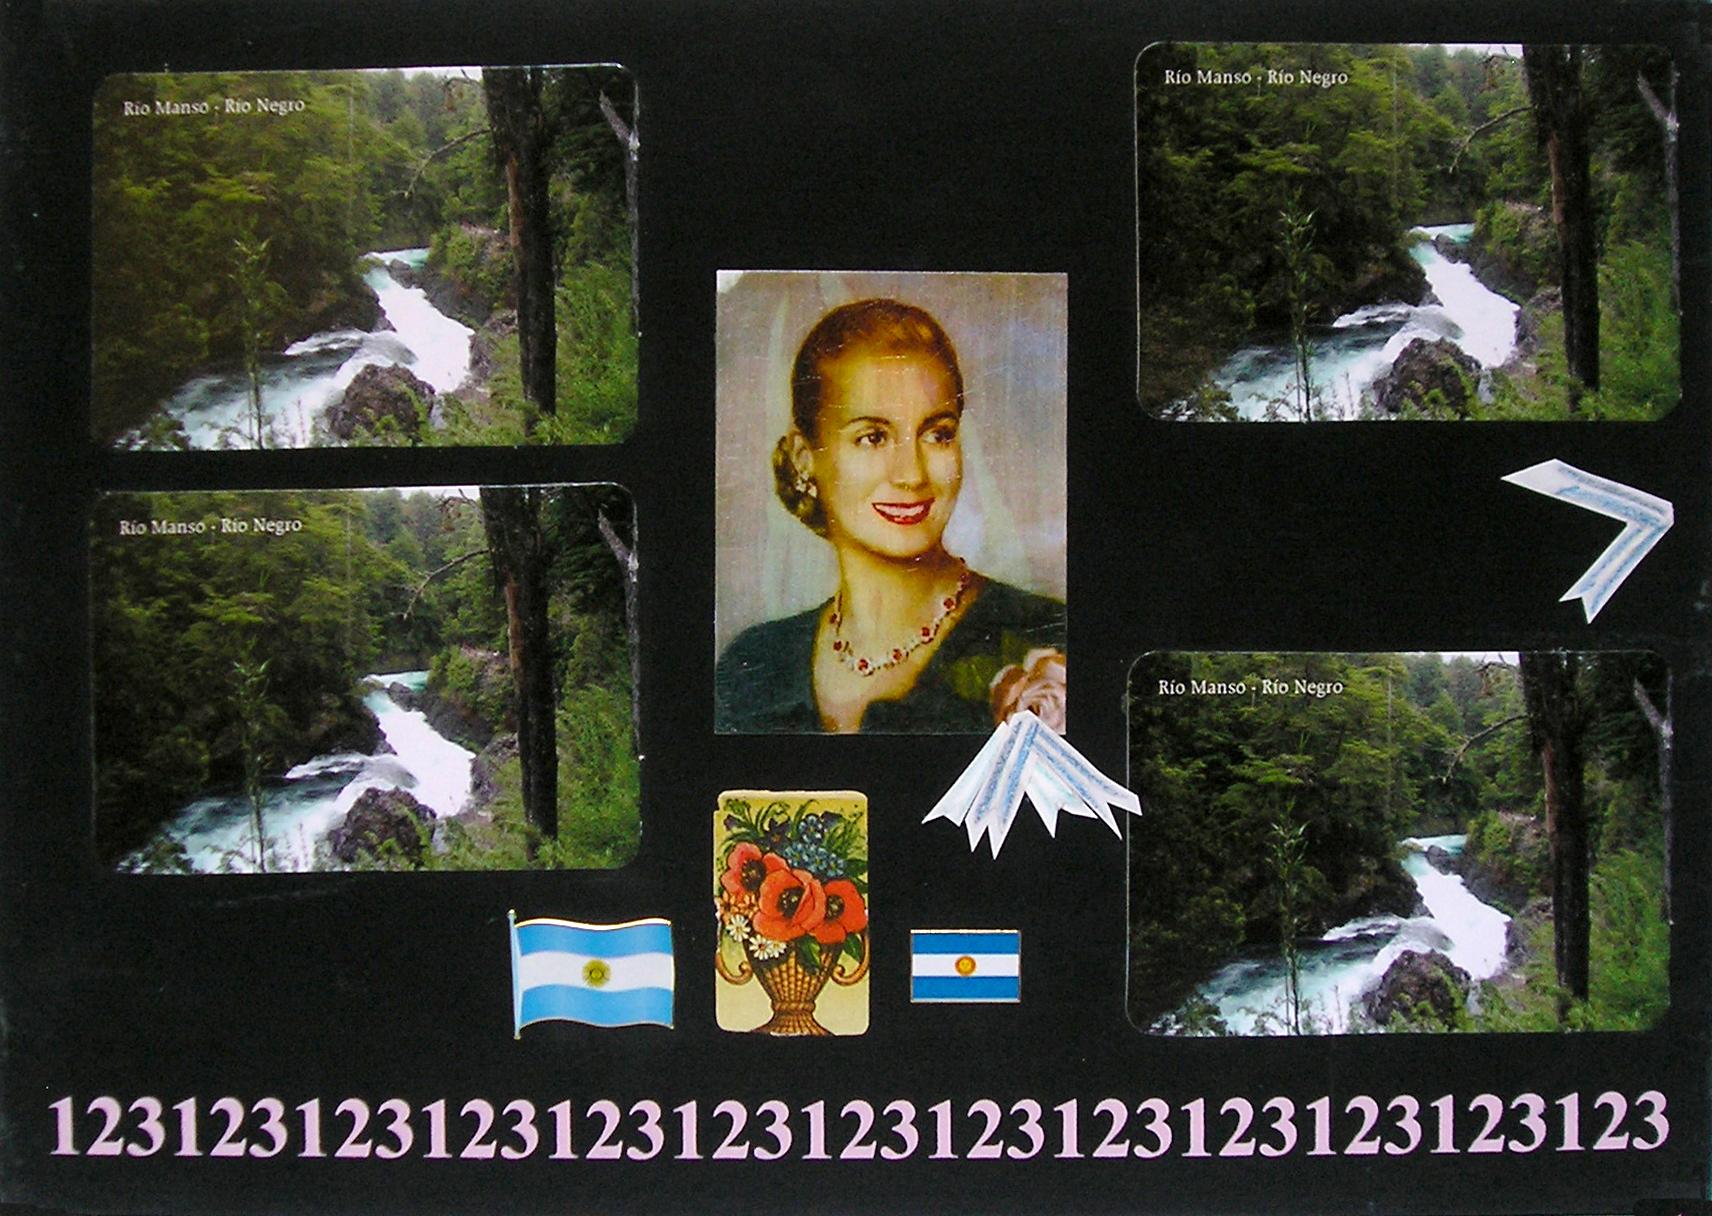 Evita Maestra recorre el país, Río Manso, Río Negro ; serie, técnica mixta sobre pizarrón; 21 x 30 cm, 2007